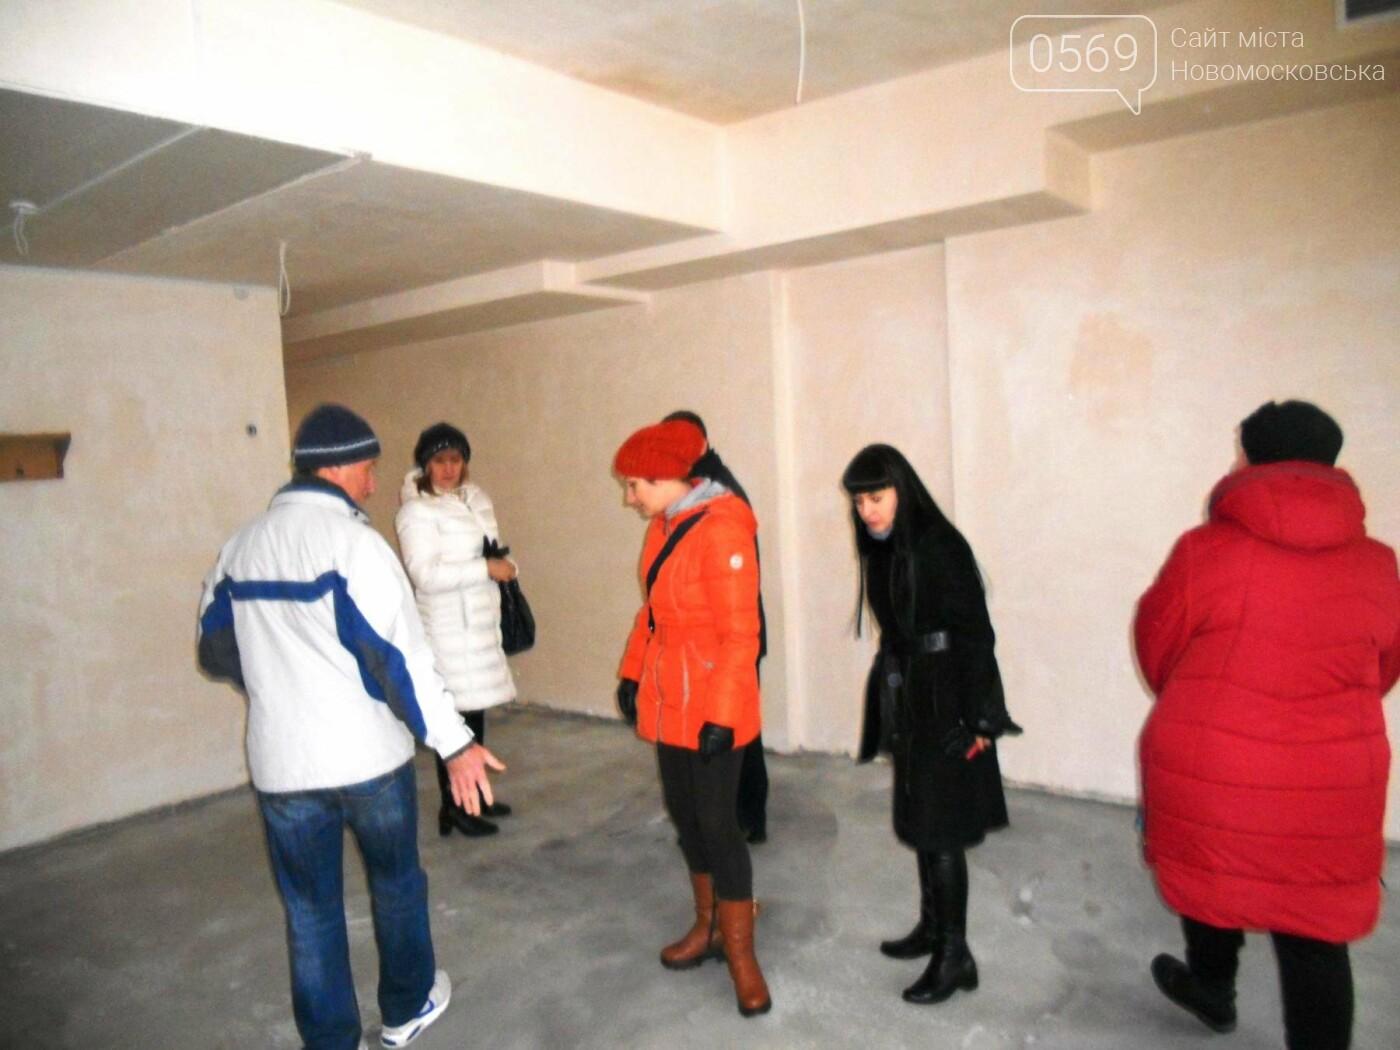 Детсад «Чебурашка» в Новомосковске: реконструкция завершается, а крыша течет, фото-10